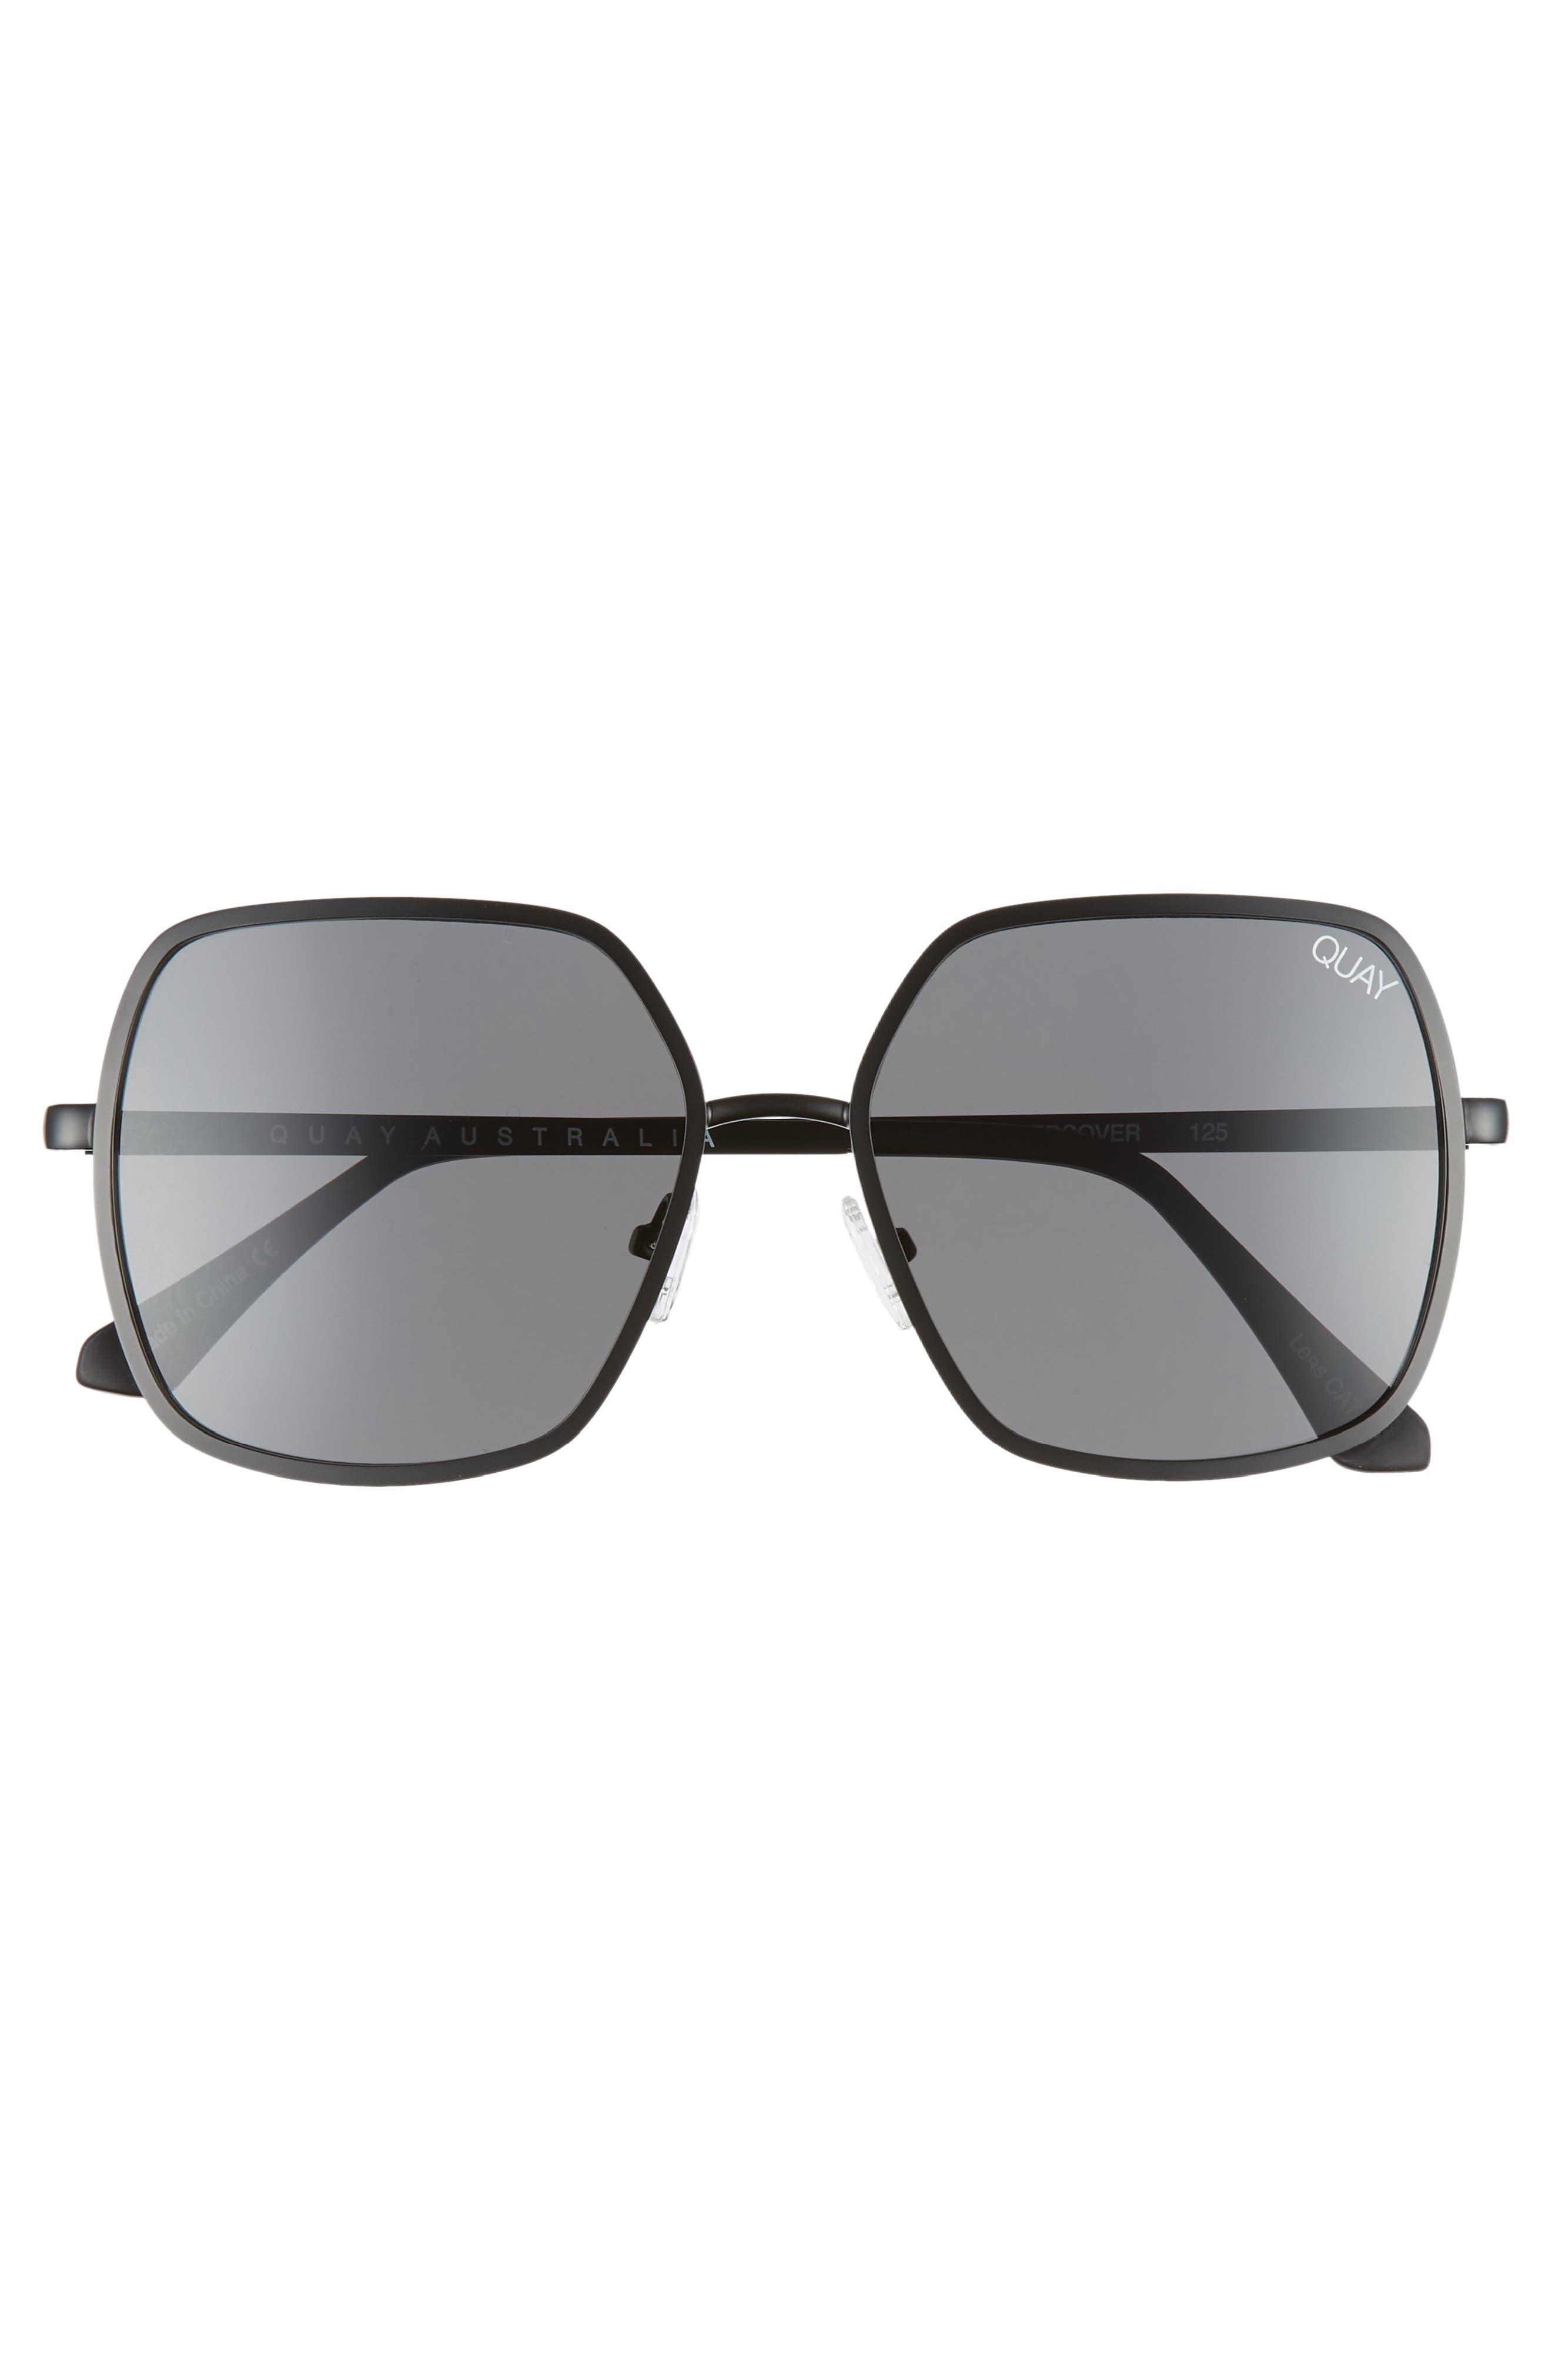 57mm Square Sunglasses,                             Alternate thumbnail 3, color,                             BLACK/ SMOKE